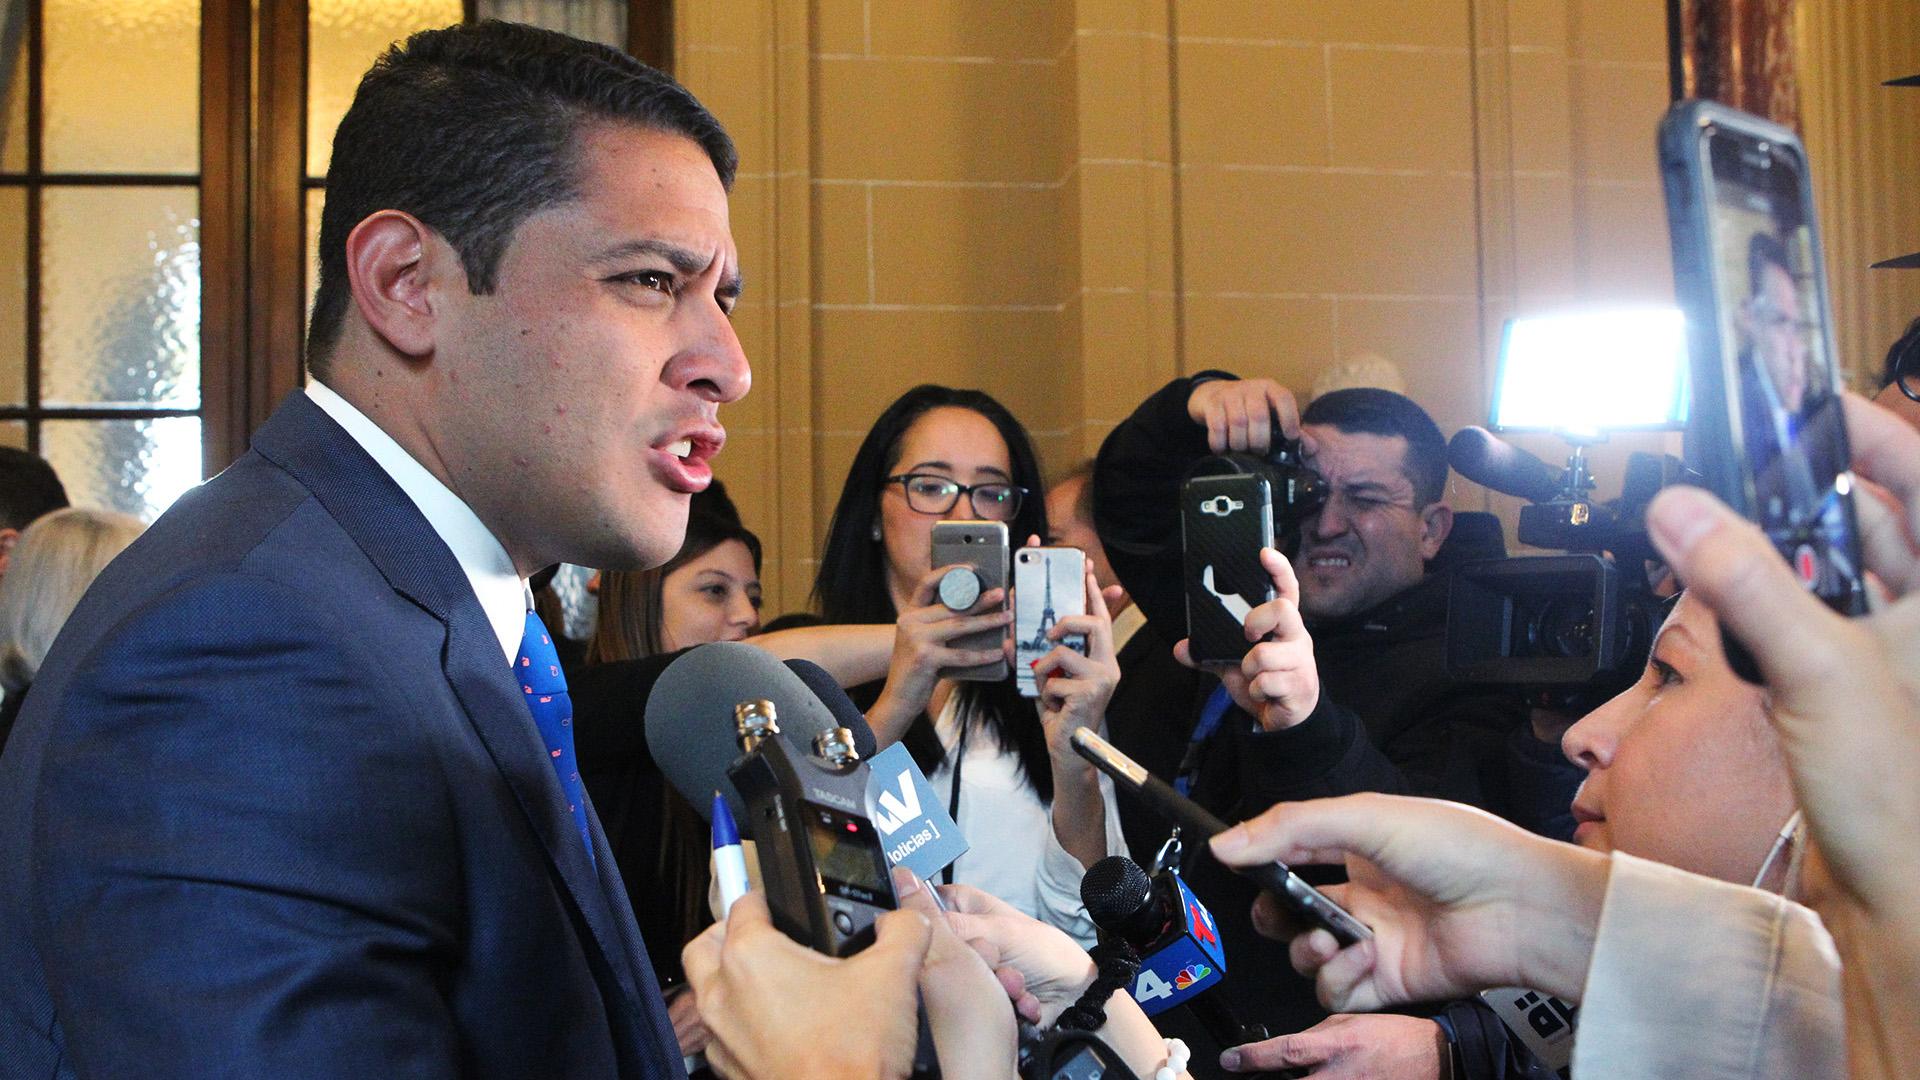 José Manuel Olivares negó que la ayuda humanitaria donada por los EEUU estuviera contaminada, como aseguró la vicepresidente de Nicolás MAduro, Delsy Rodríguez